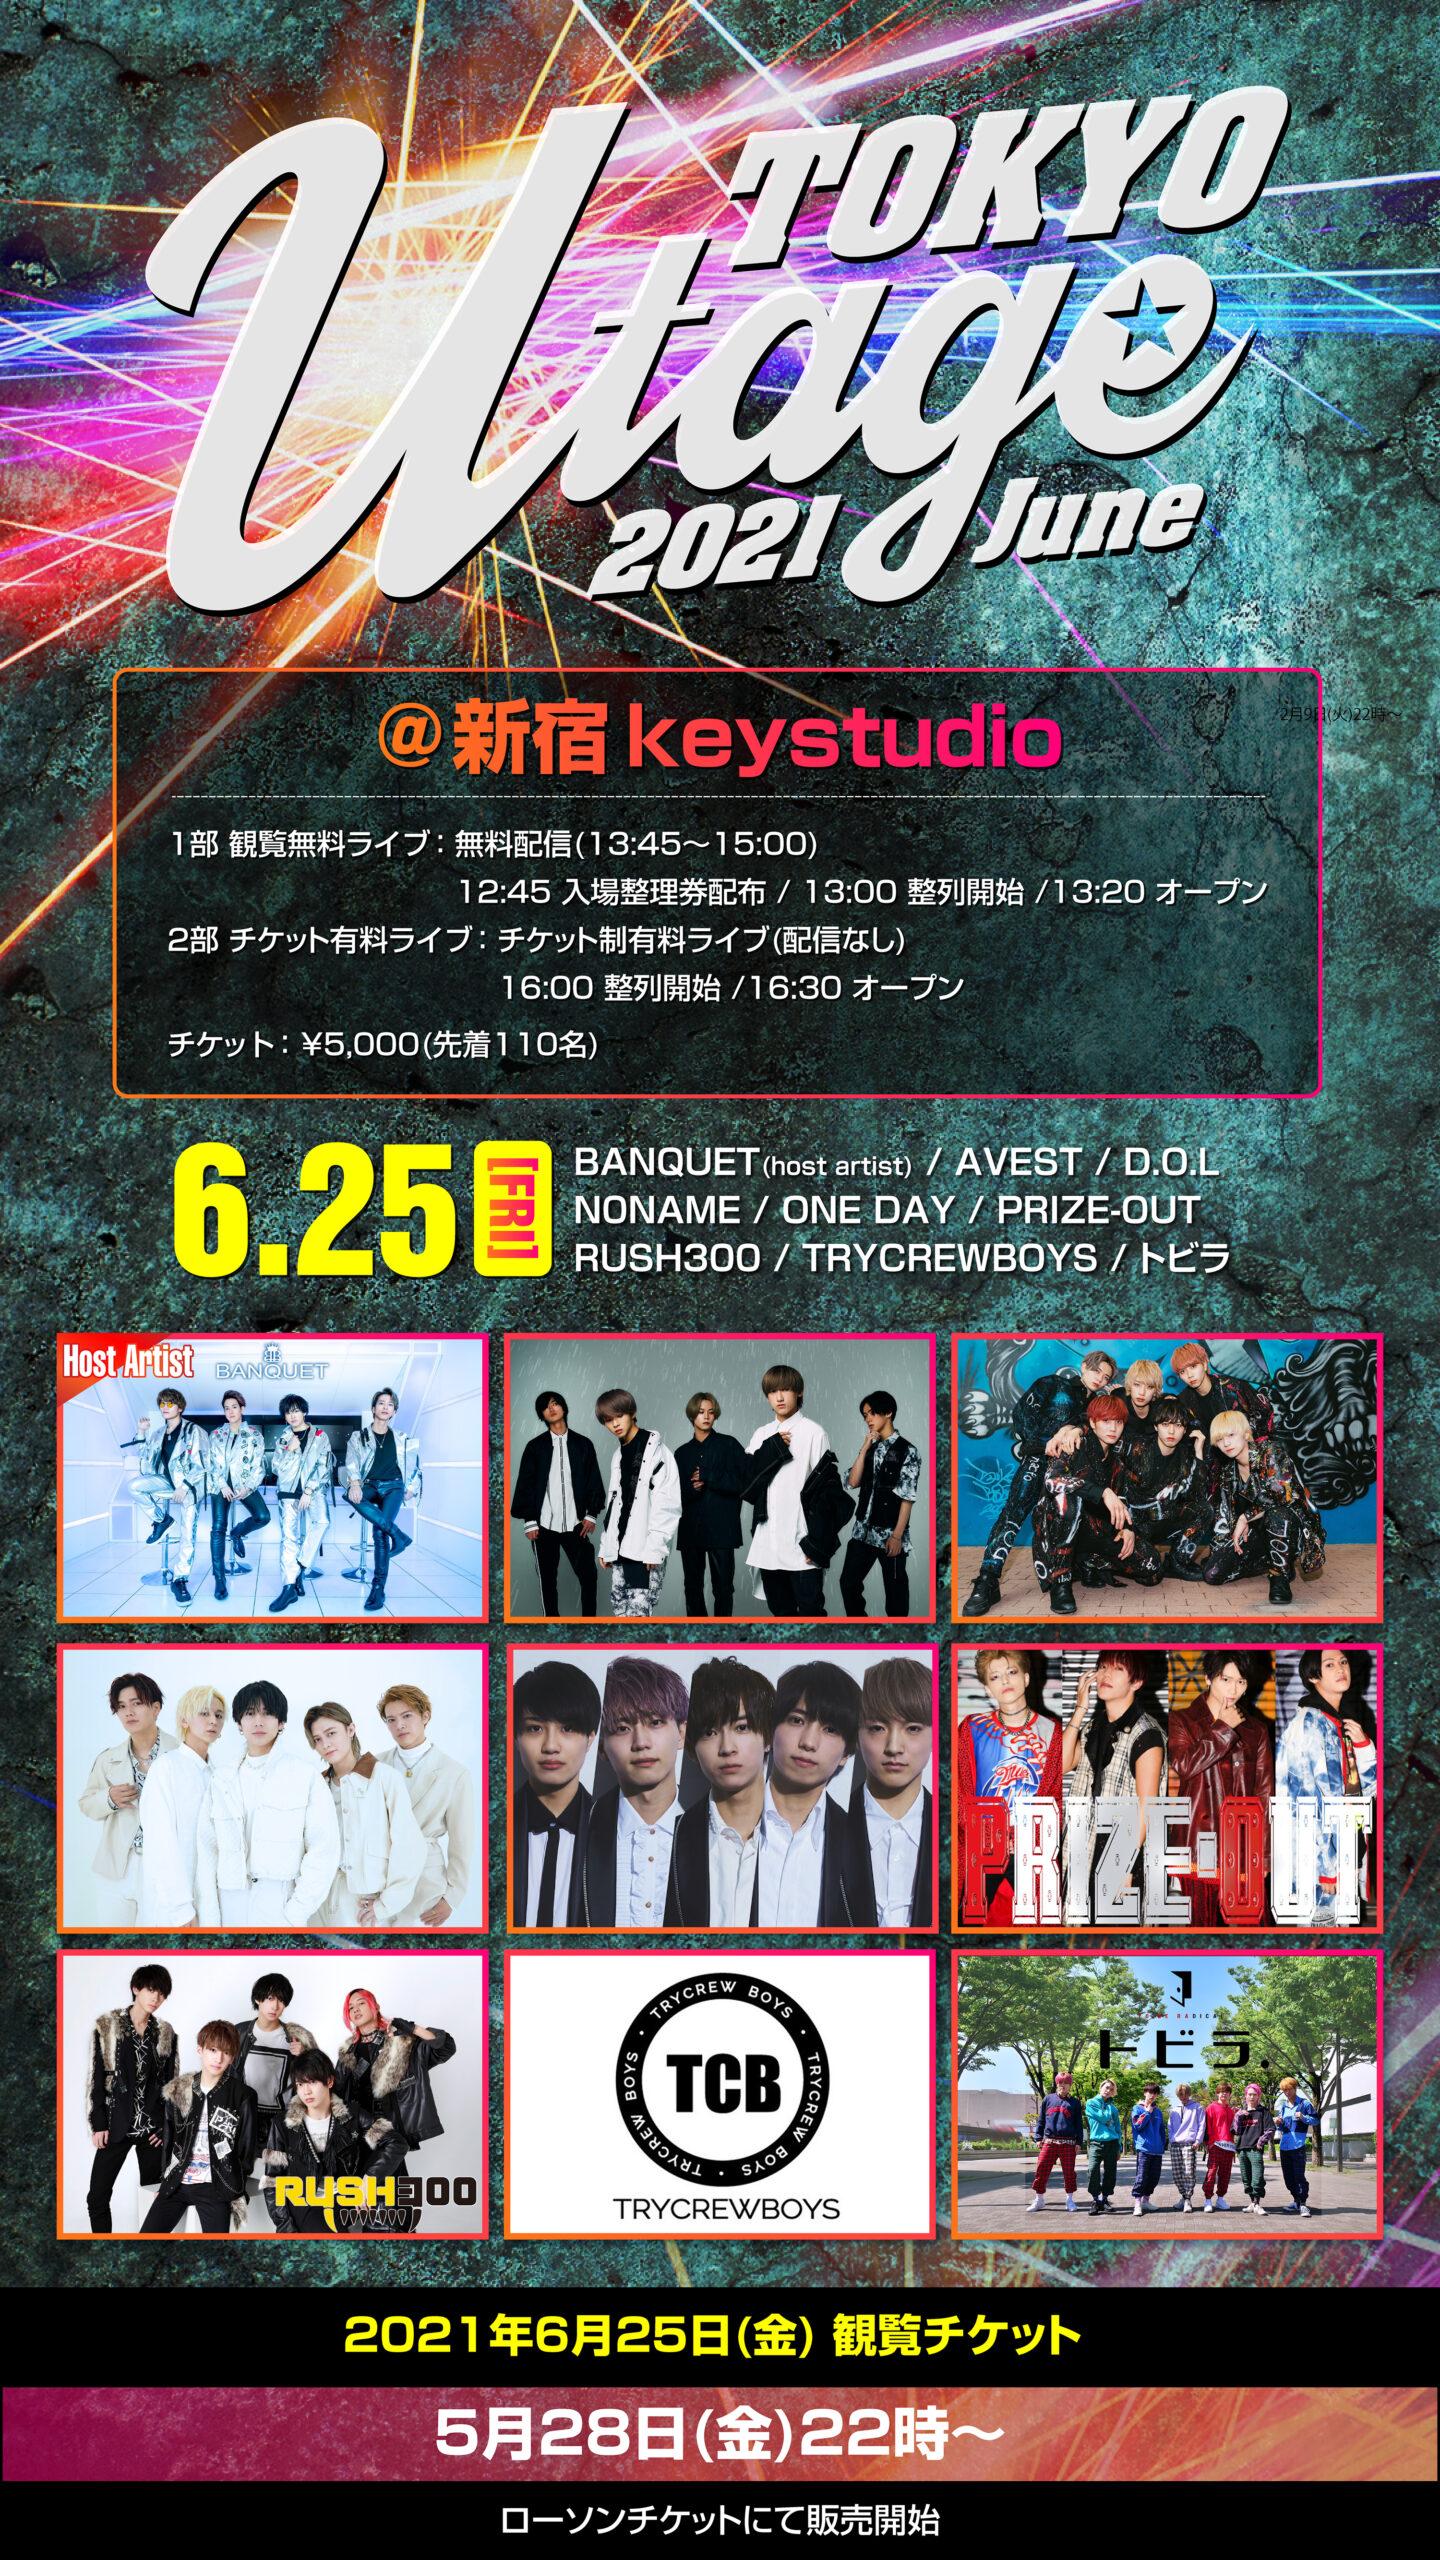 UTAGE☆2021 June